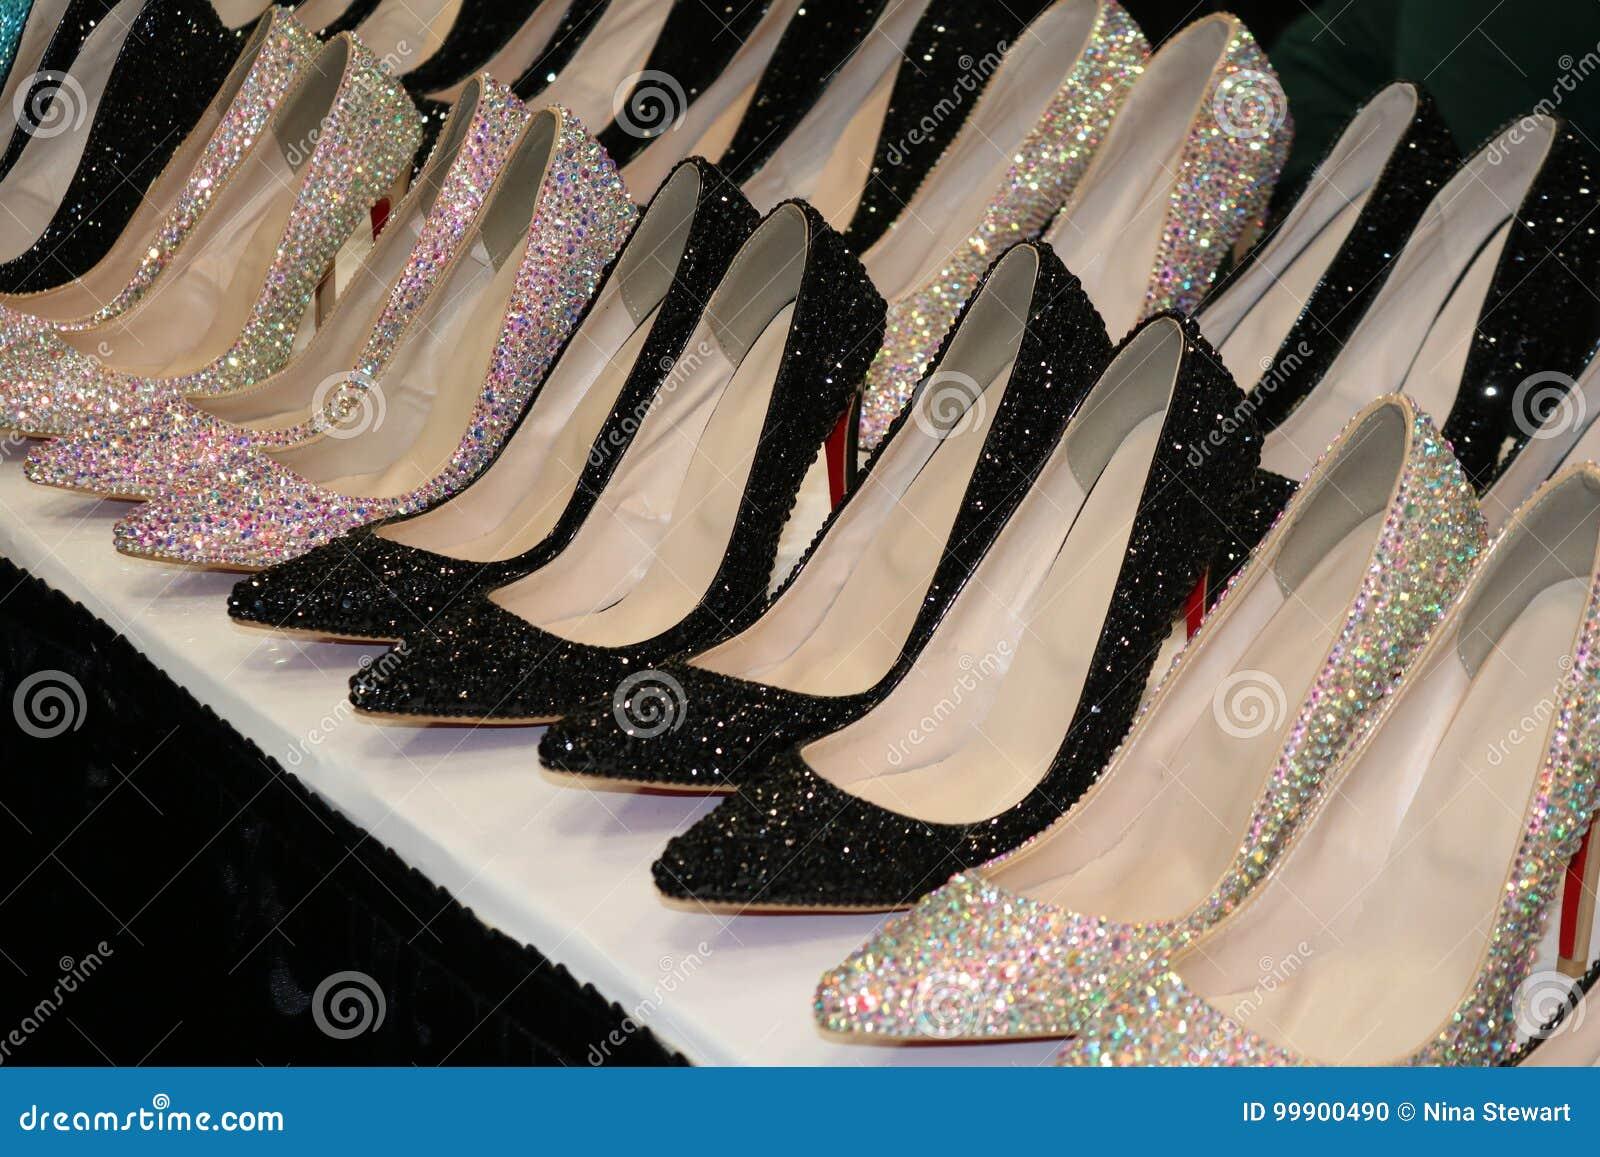 Iskrzasty rząd rhinestone szpilki buty